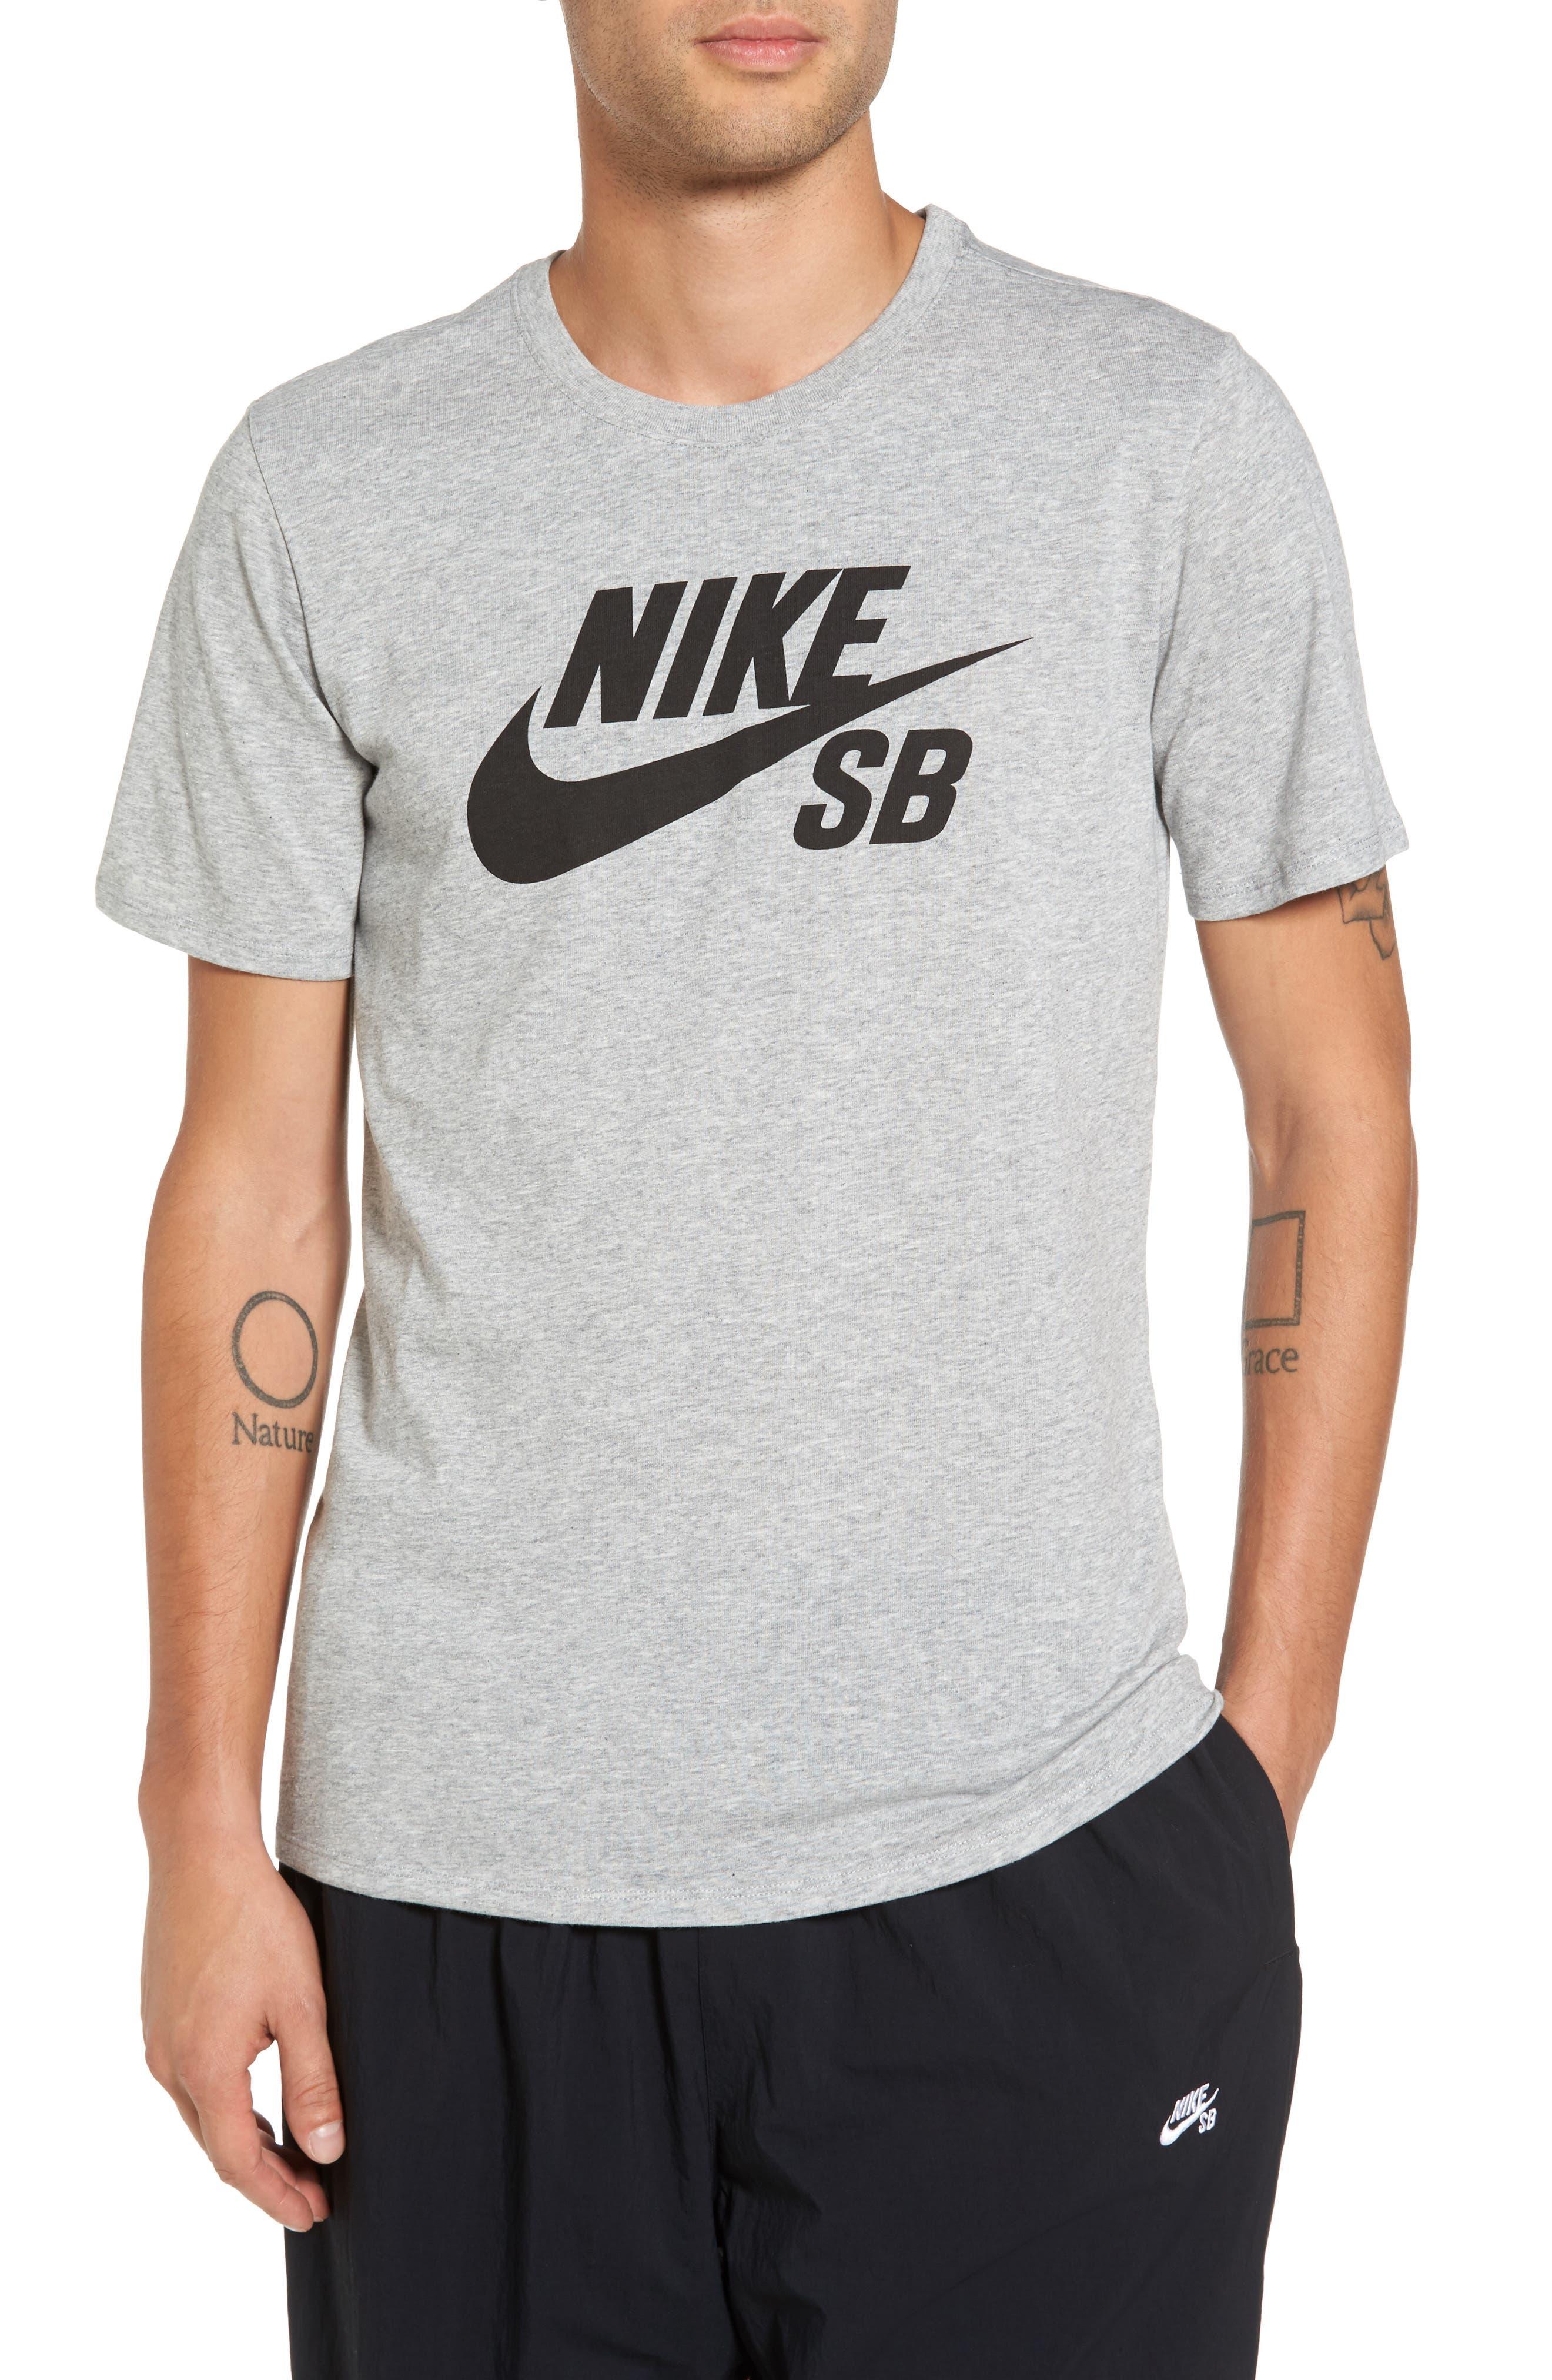 Main Image - Nike 'SB Logo' T-Shirt